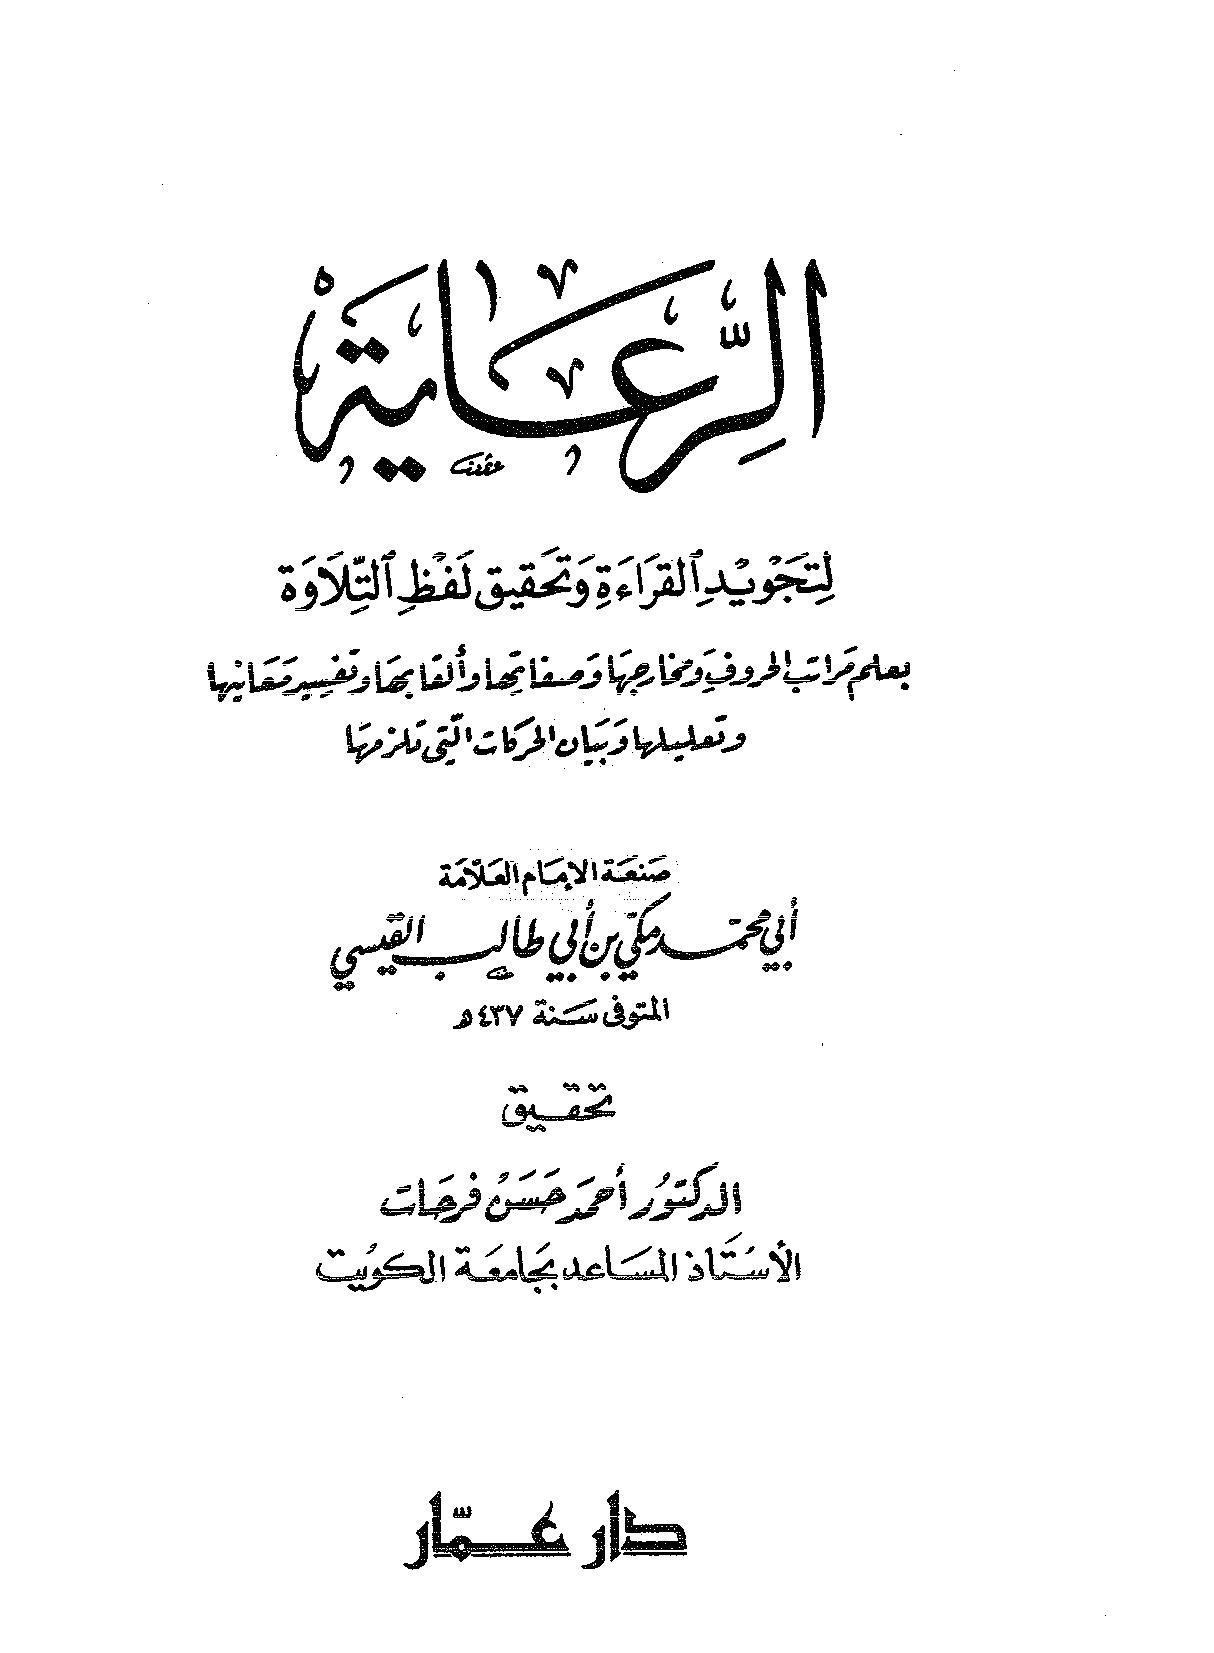 تحميل كتاب الرعاية لتجويد القراءة وتحقيق لفظ التلاوة لـِ: الإمام أبو محمد مكي بن أبي طالب حمّوش القيسي (ت 437)